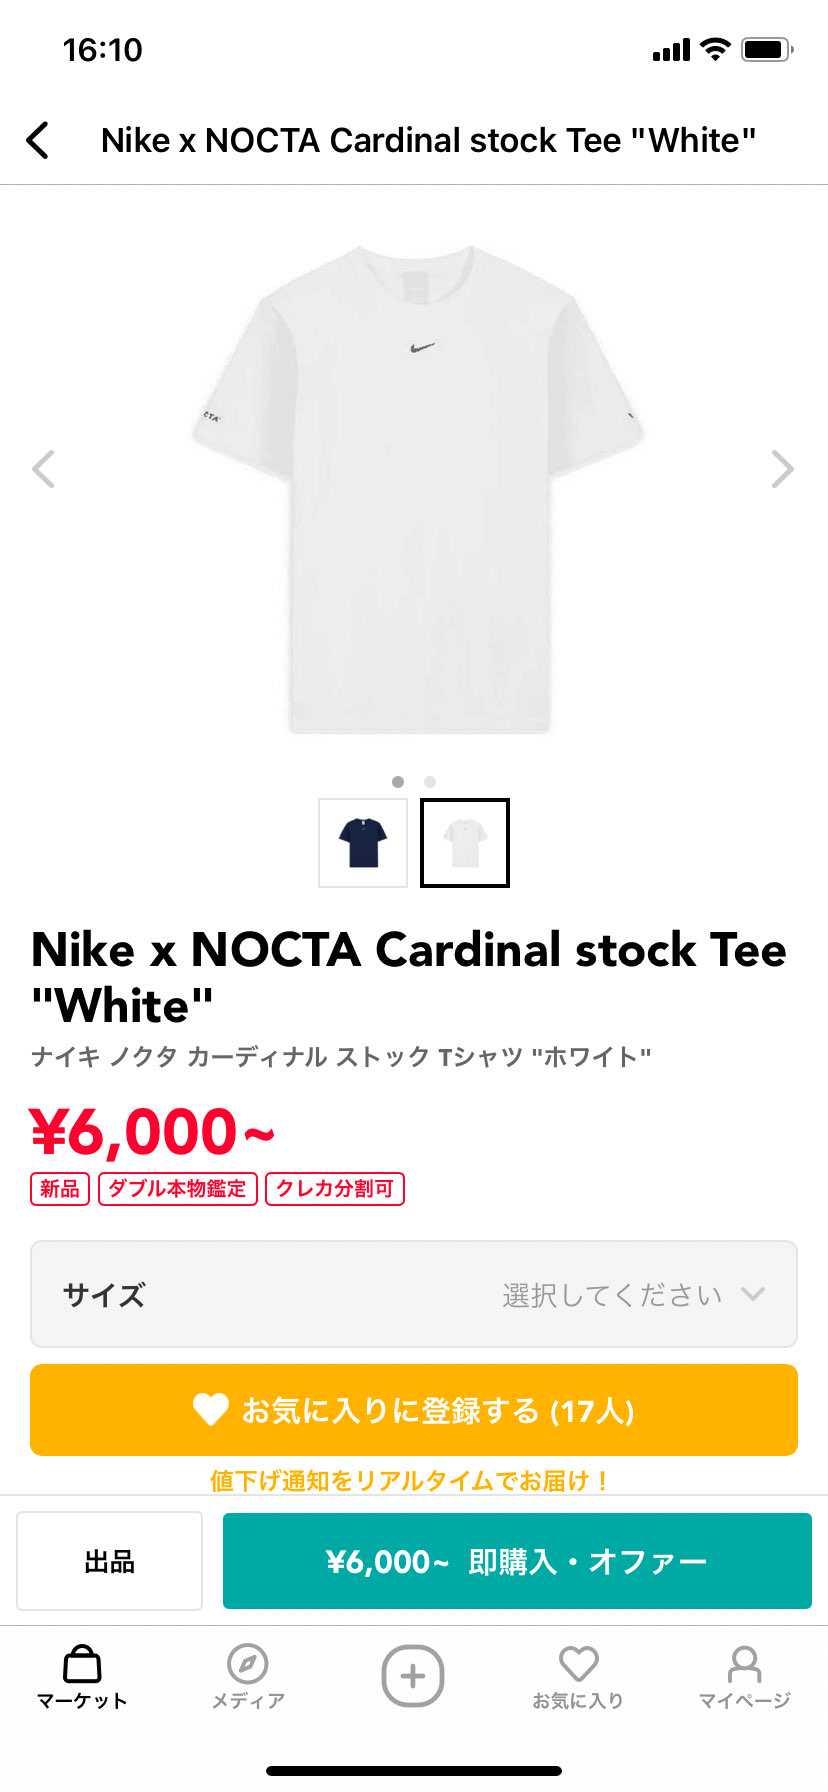 NOCTAは買ったことないのでお聞きしたいのですが、襟は伸びにくかったりしますか